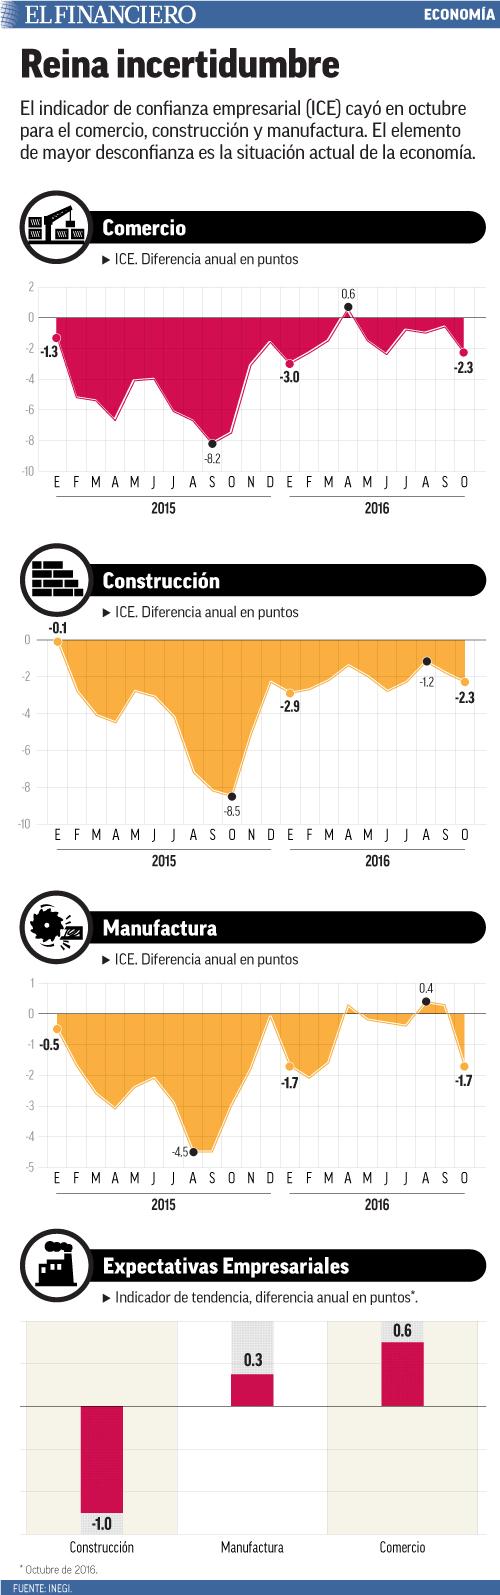 El indicador de confianza empresarial (ICE) cayó en octubre para el comercio, construcción y manufactura. El elemento de mayor desconfianza es la situación actual de la economía.